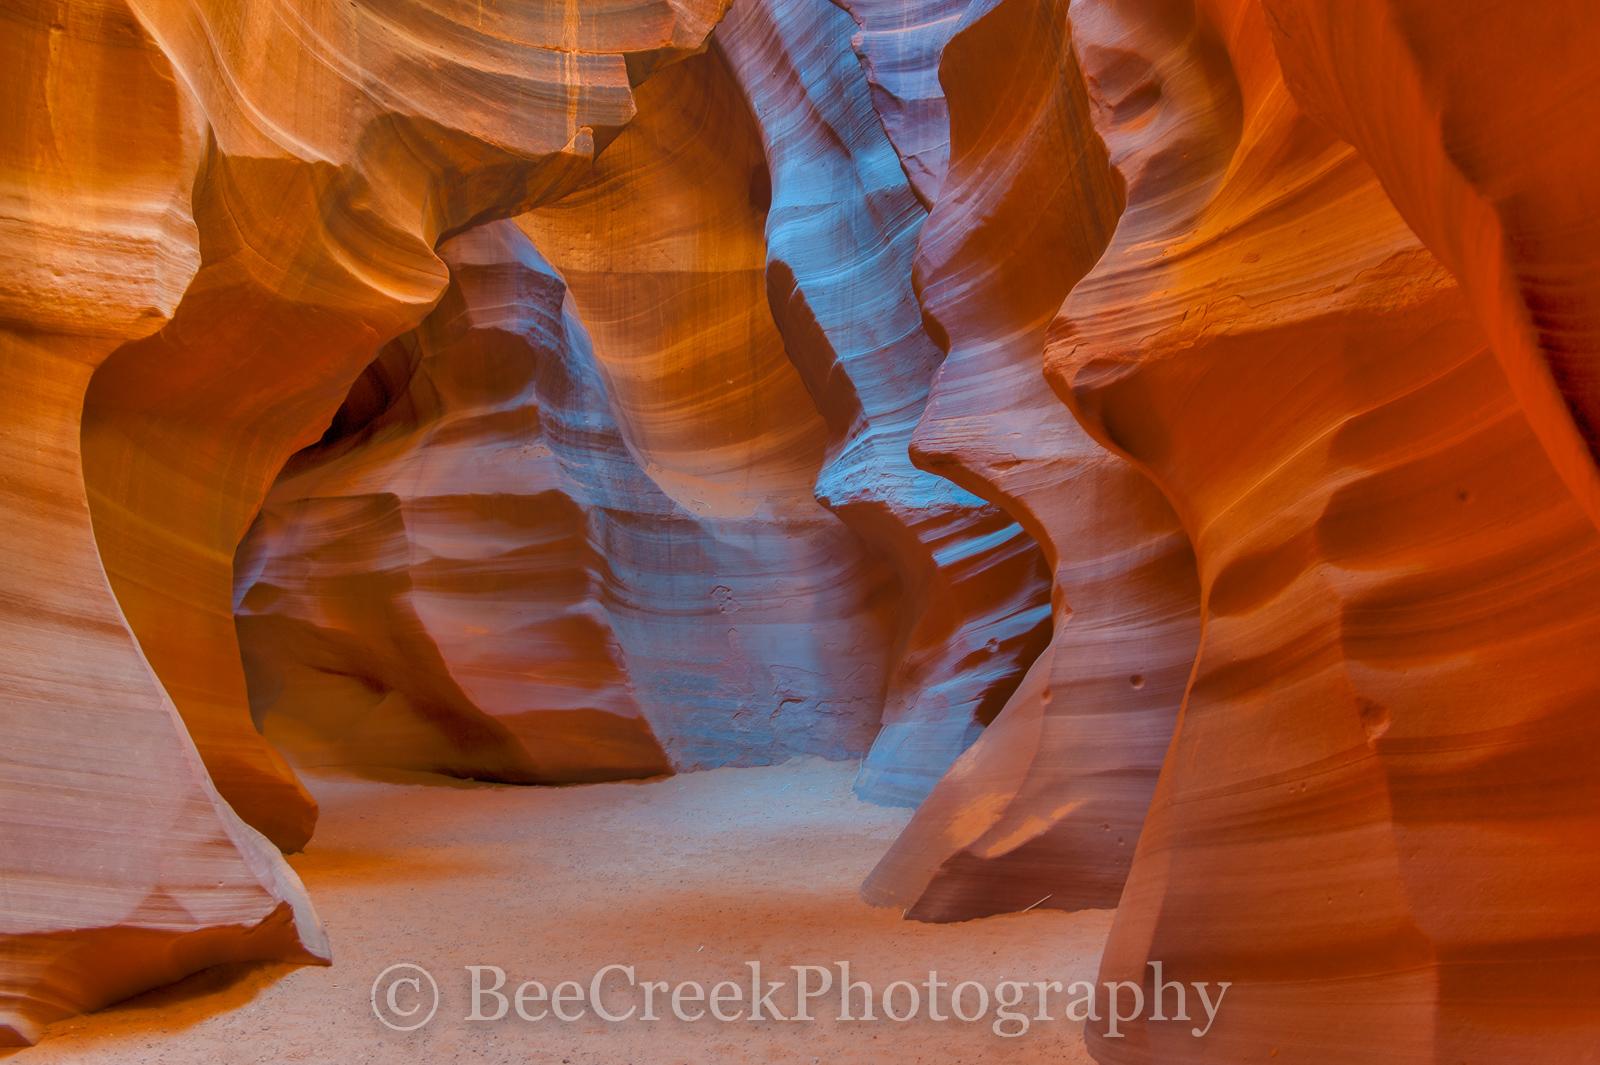 AZ, Arizona, antelope canyons, beecreekphoto, carved sandstone, colors of sloth canyons, desert southwest, erosion, exposed, flash floods, images of slot canyons,, photo